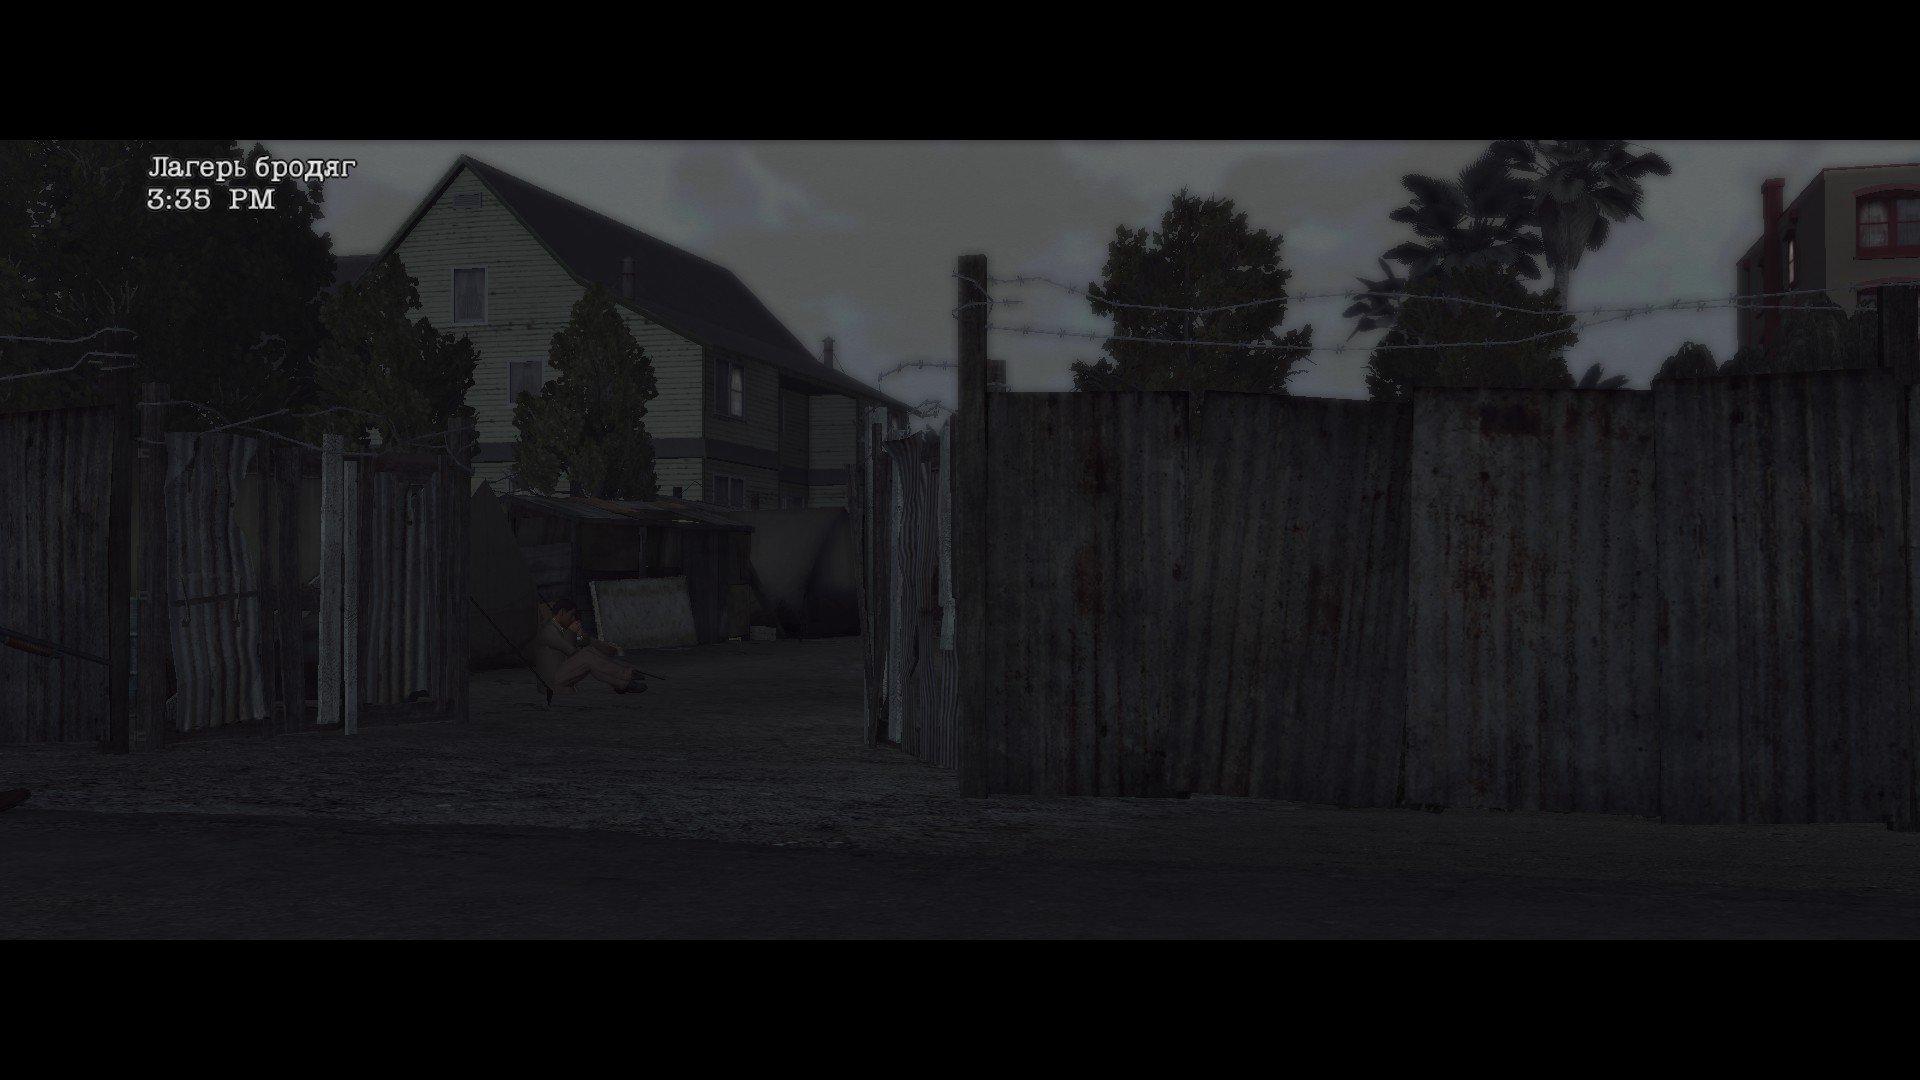 Пост-прохождение L.A. Noire Часть 11 - Изображение 52